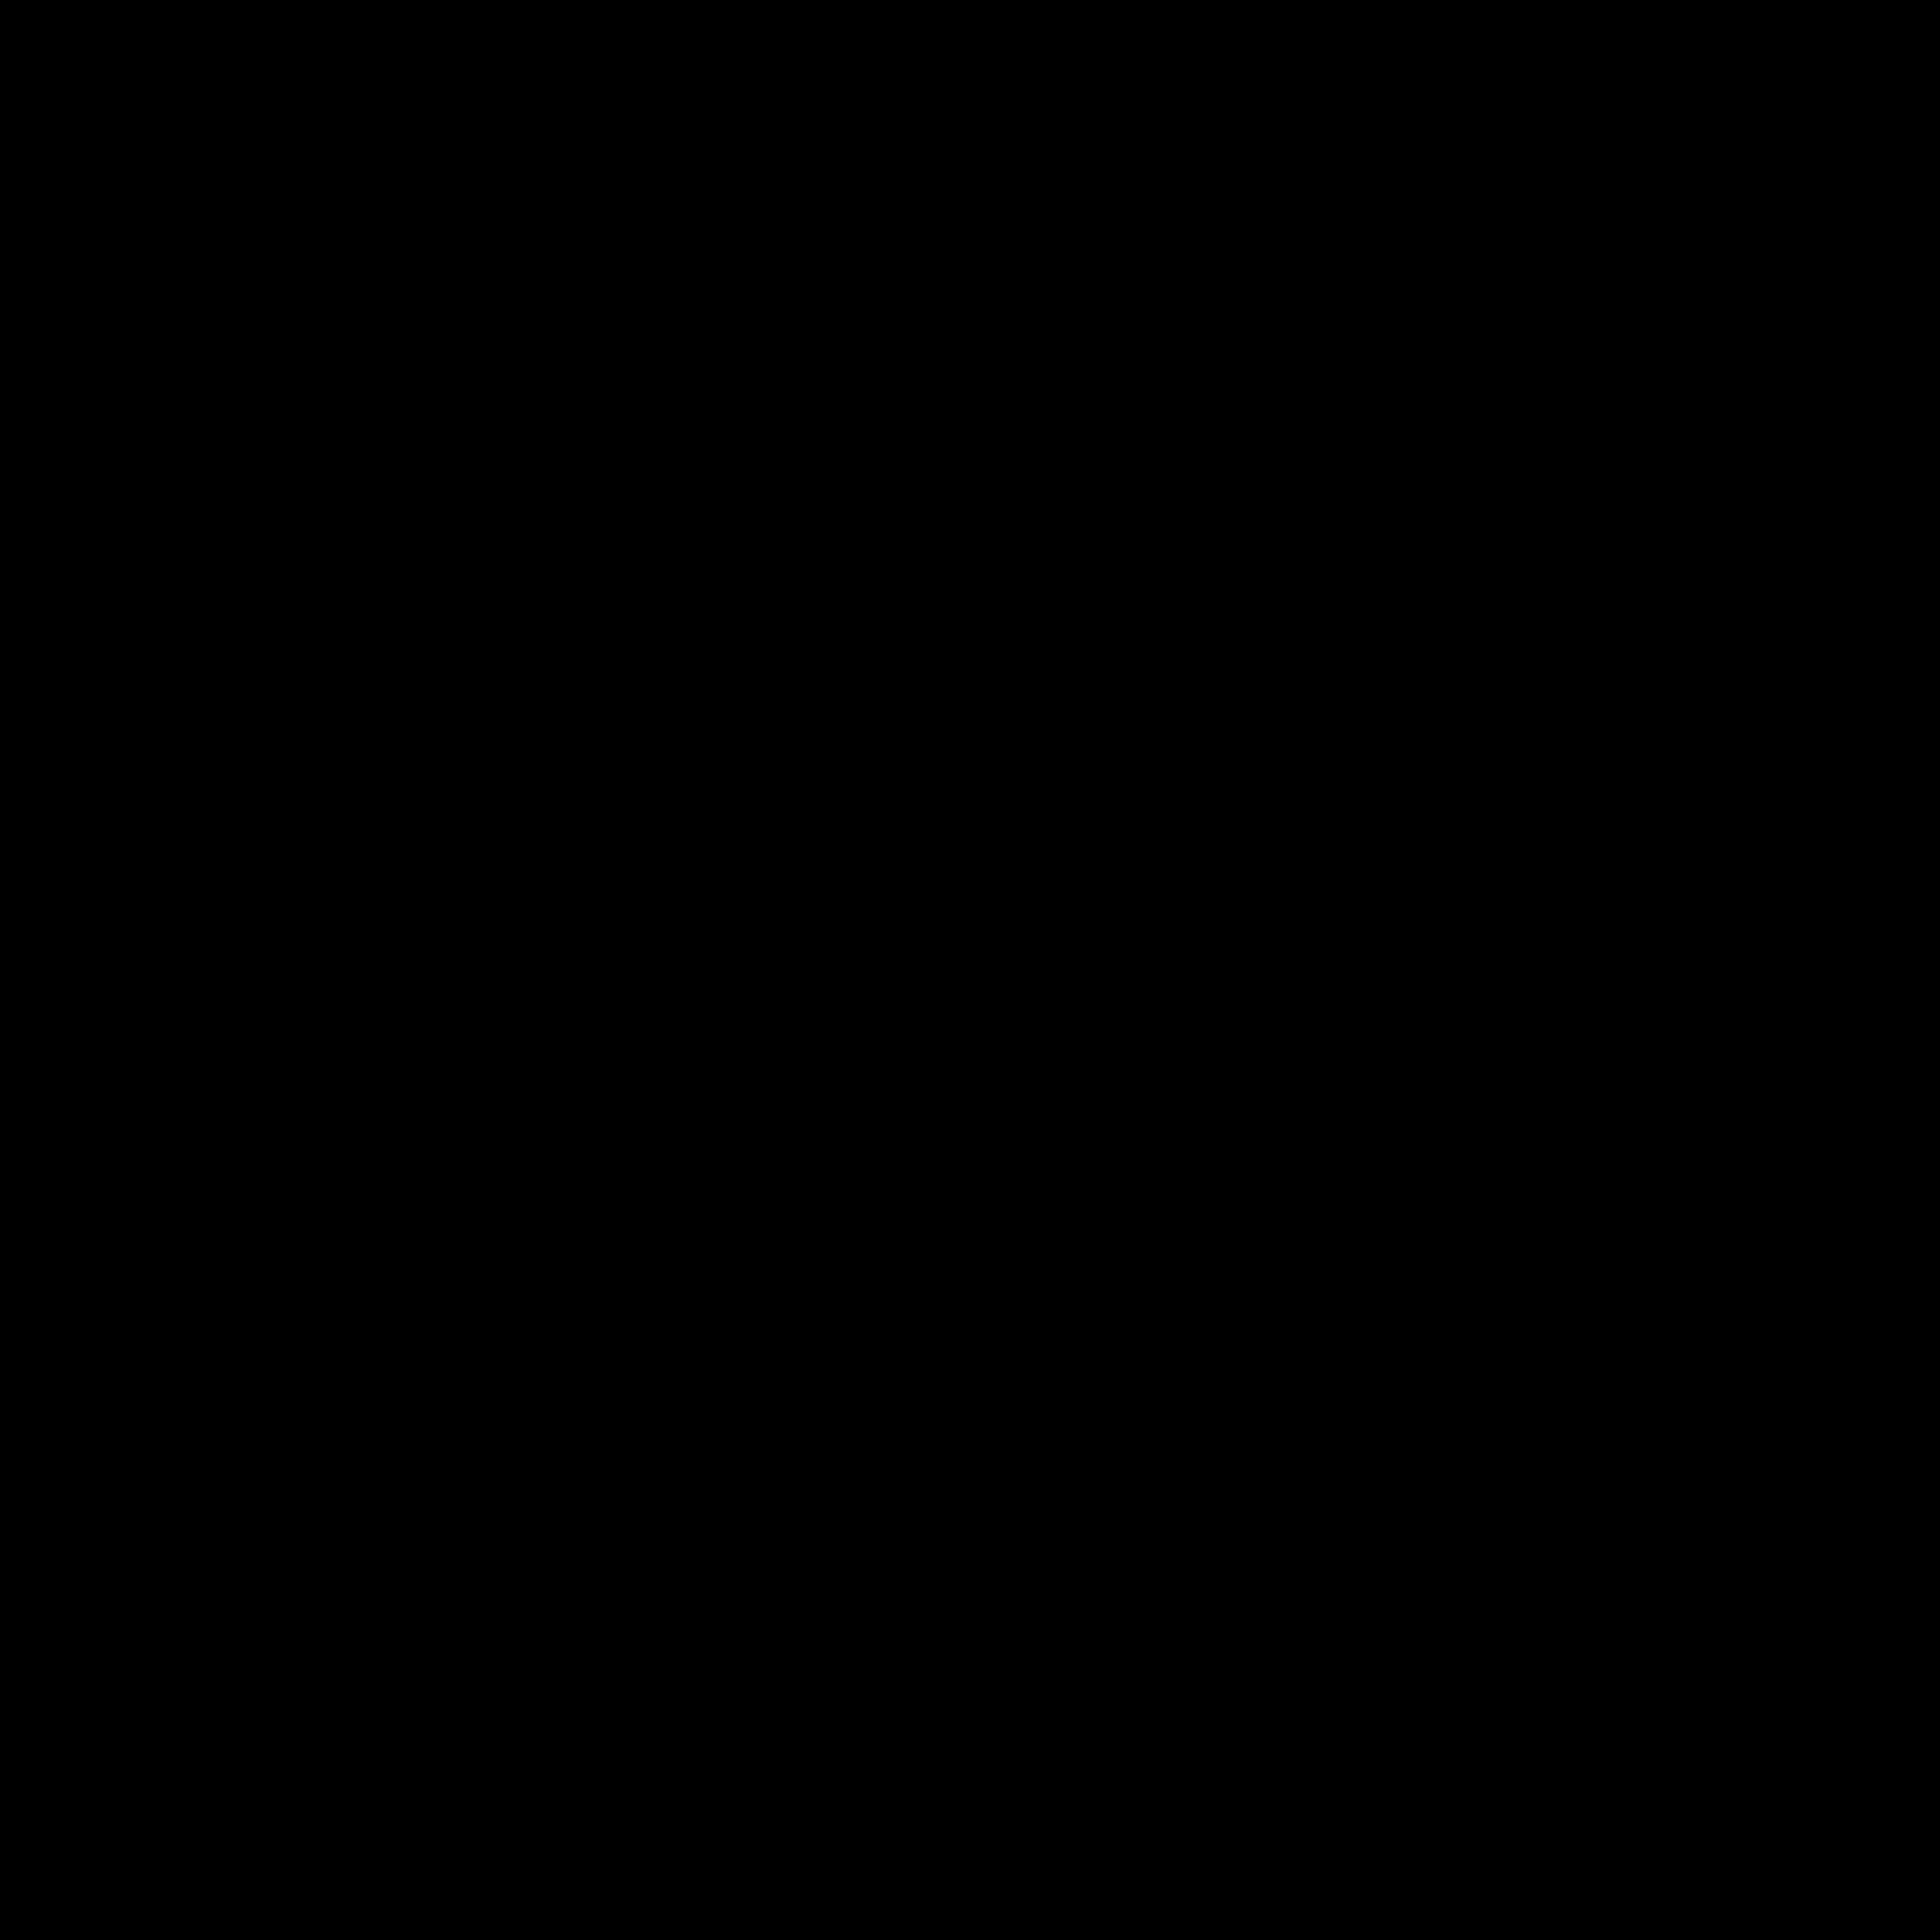 Selber machen statt kaufen Challenge: Das benötigst Du 1 Craft Tools Doodle